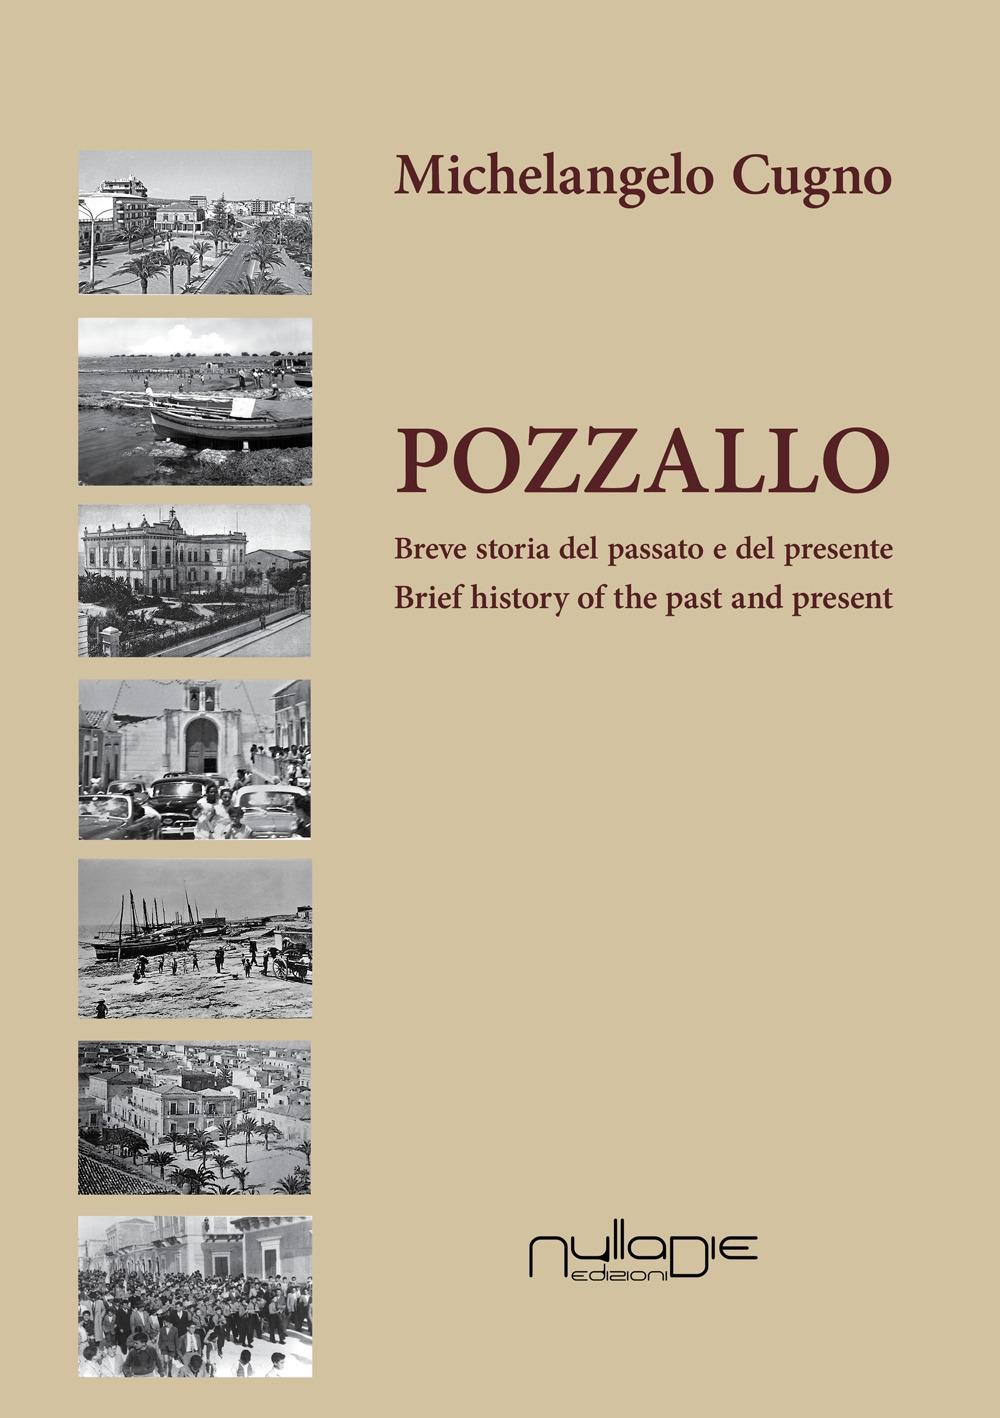 Pozzallo. Breve storia del passato e del presente. Brief history of the past and present